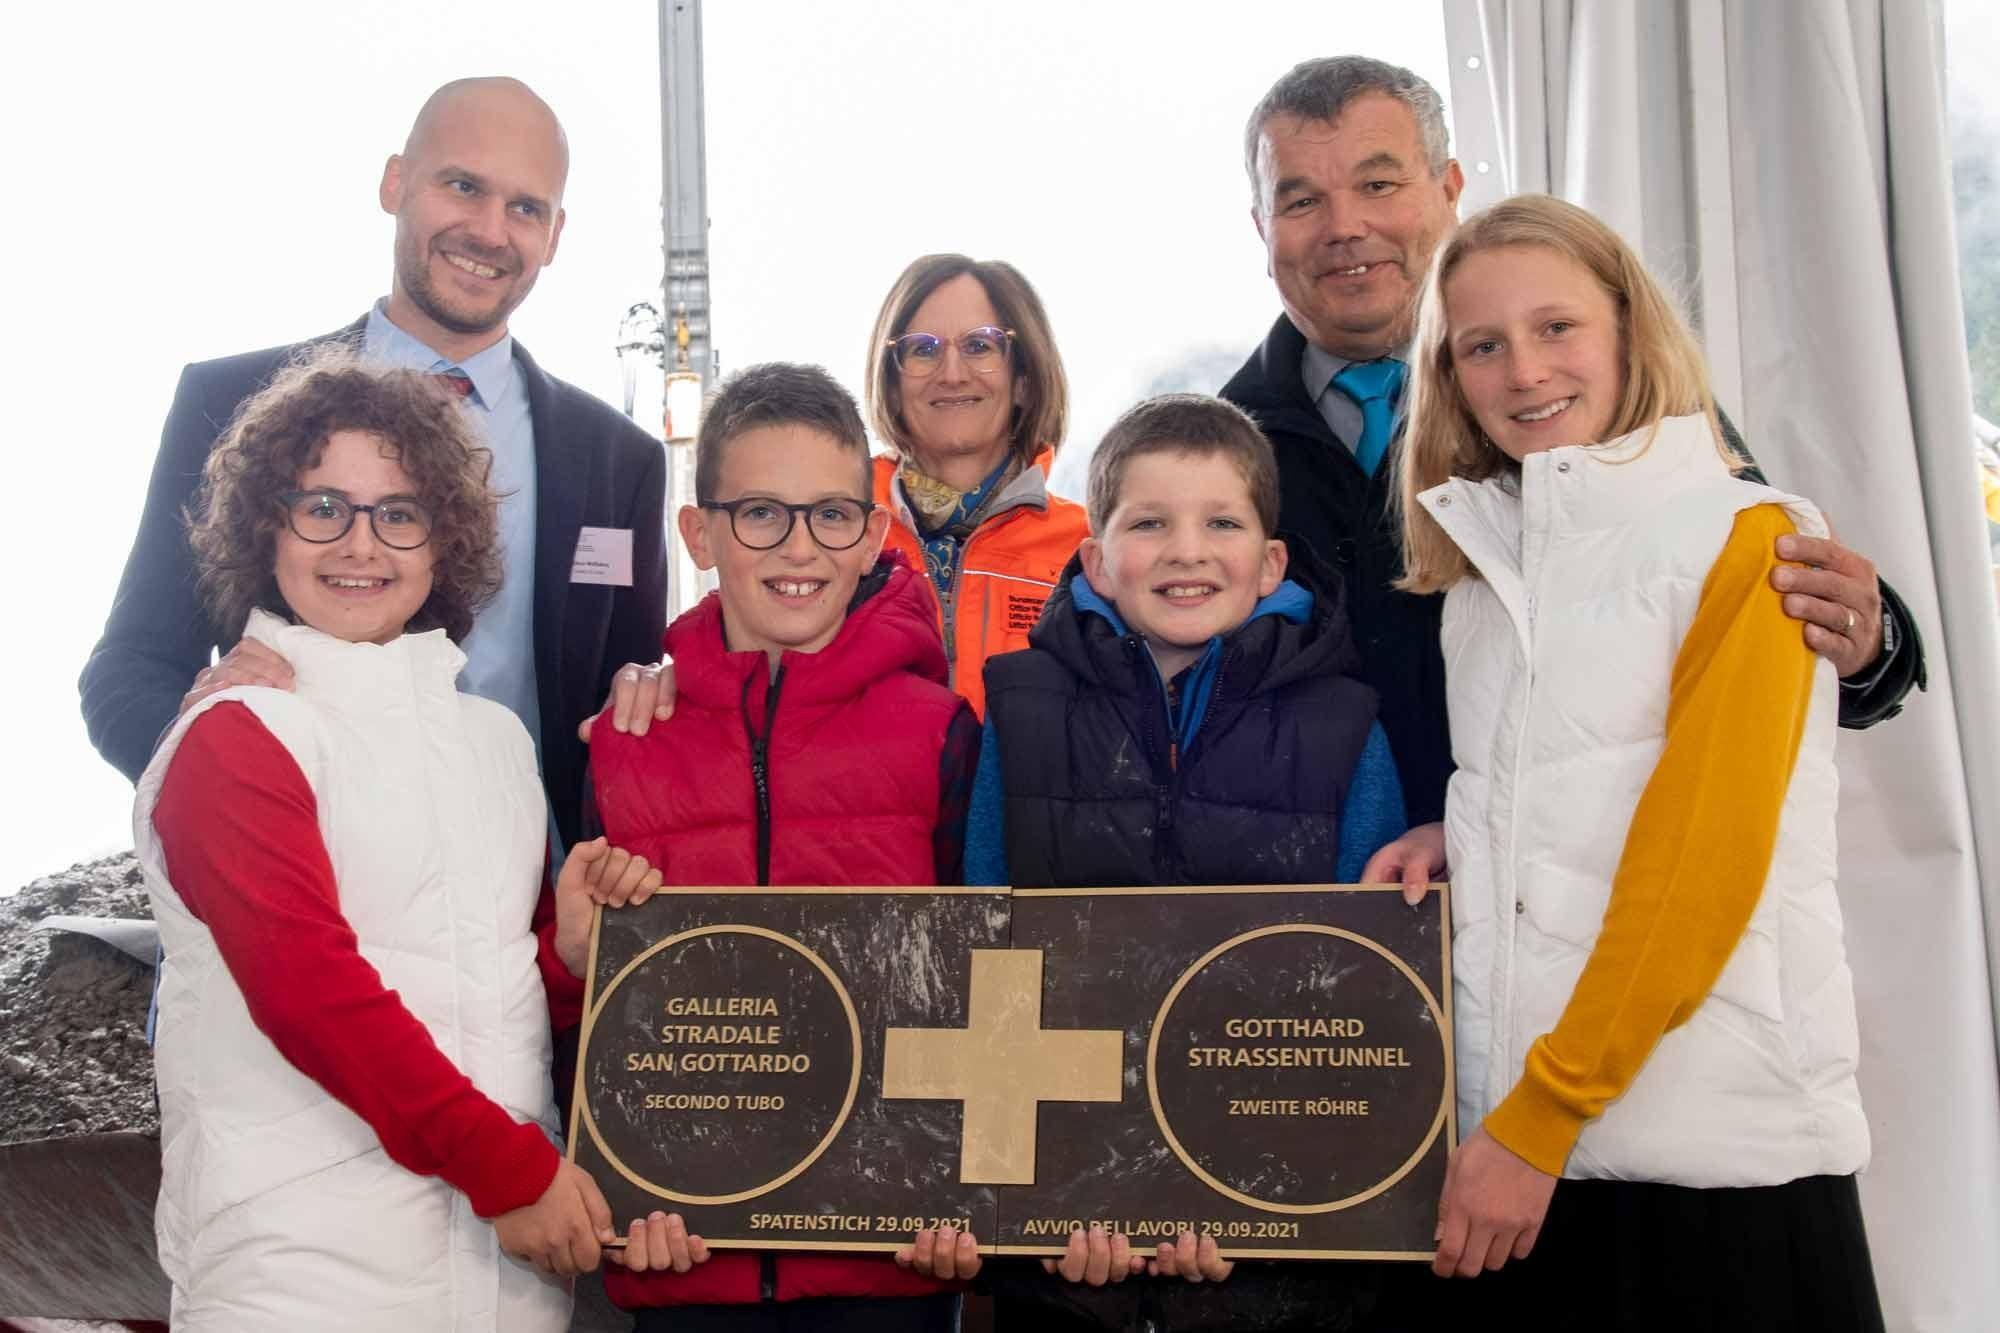 Kinder beim Spatenstich zur zweiten Gotthard-Röhre